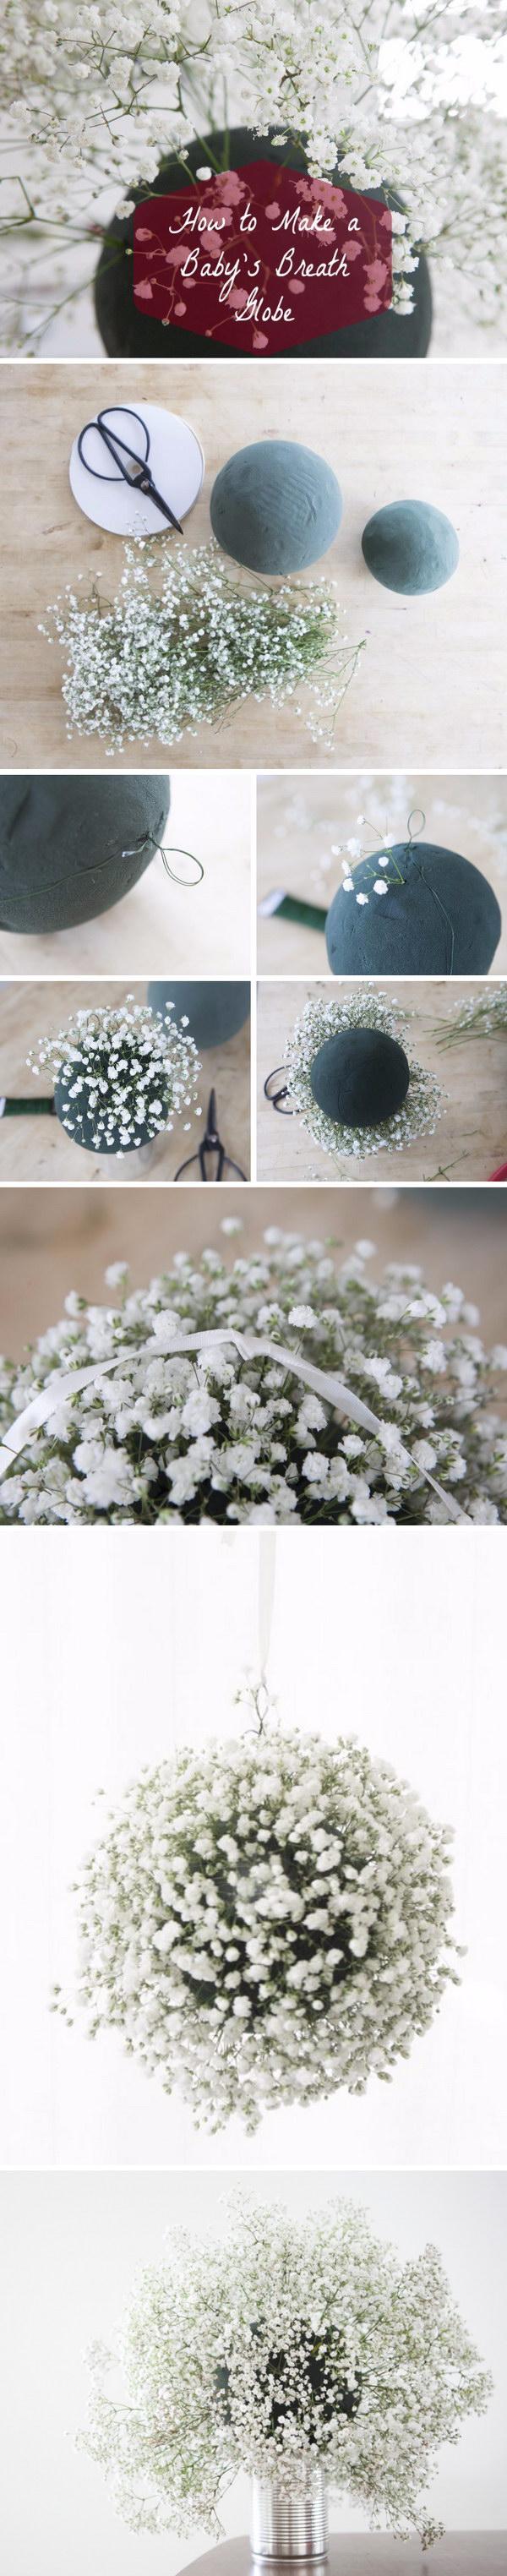 DIY Baby's Breath Wedding Globes